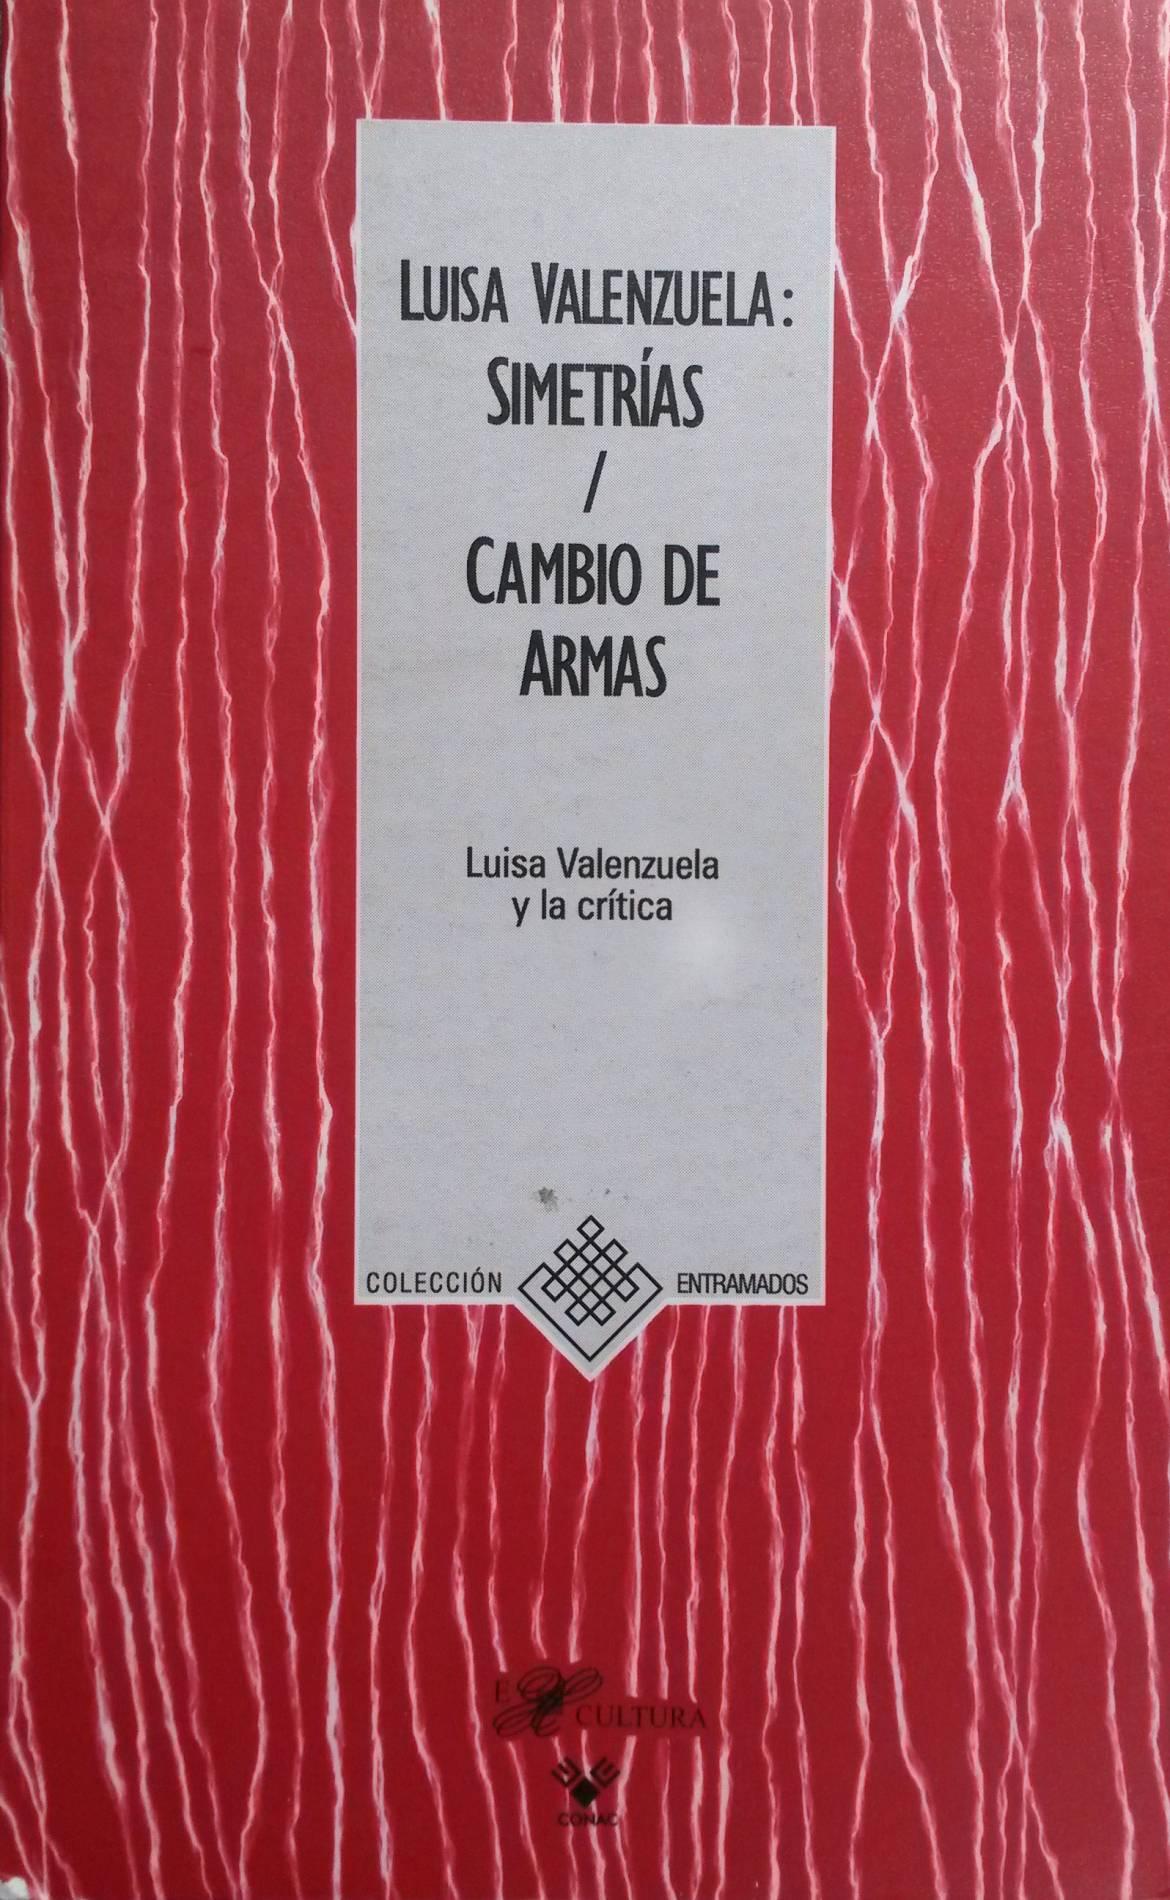 Luisa Valenzuela: Simetrías / Cambio de armas. Luisa Valenzuela y la crítica.